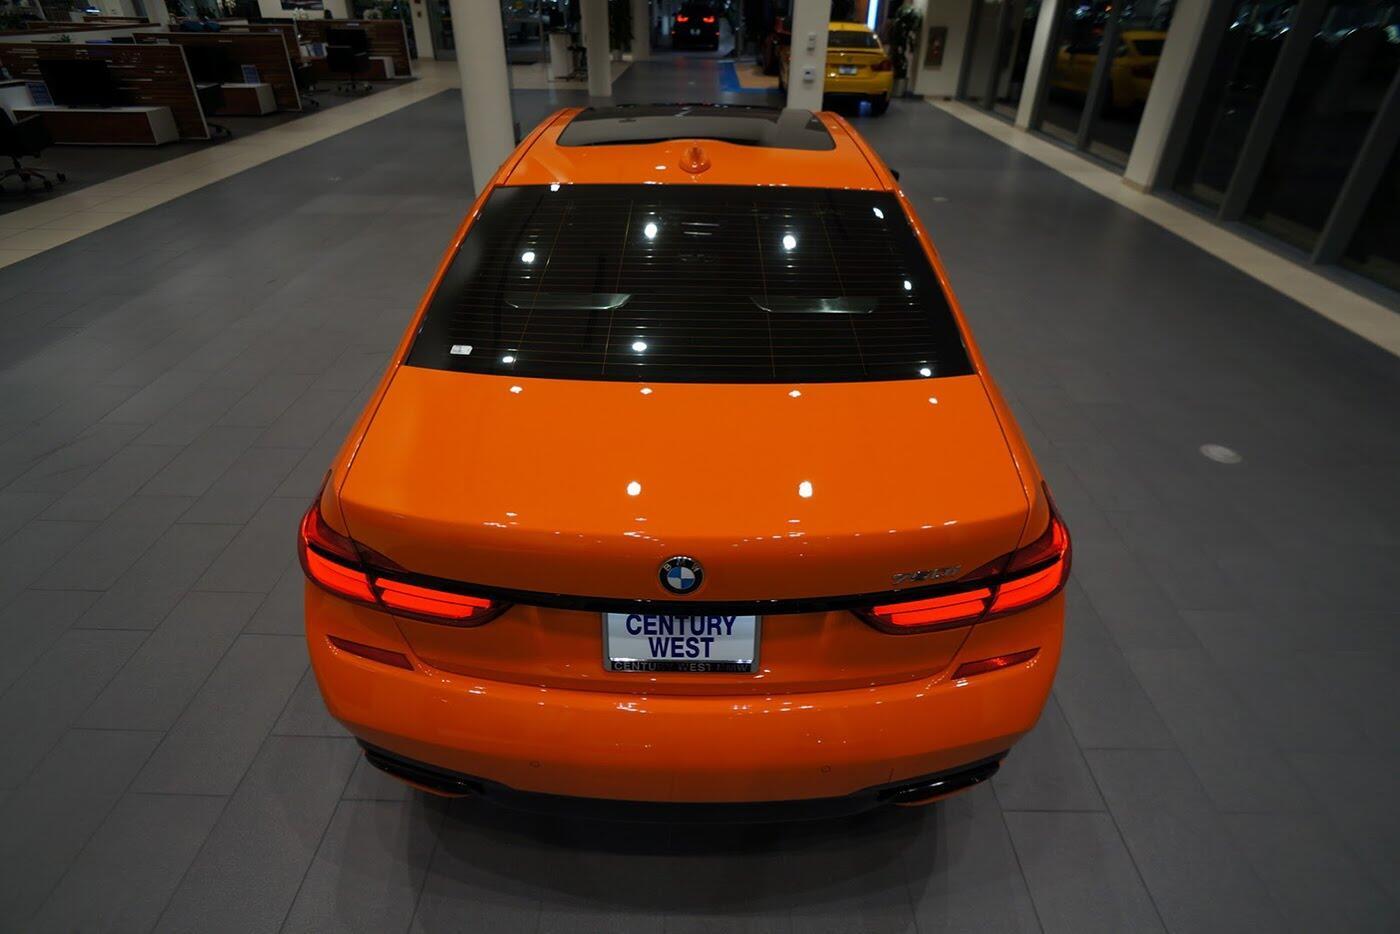 Cận cảnh BMW 750i 2017 phiên bản đặc biệt Fire Orange - Hình 4